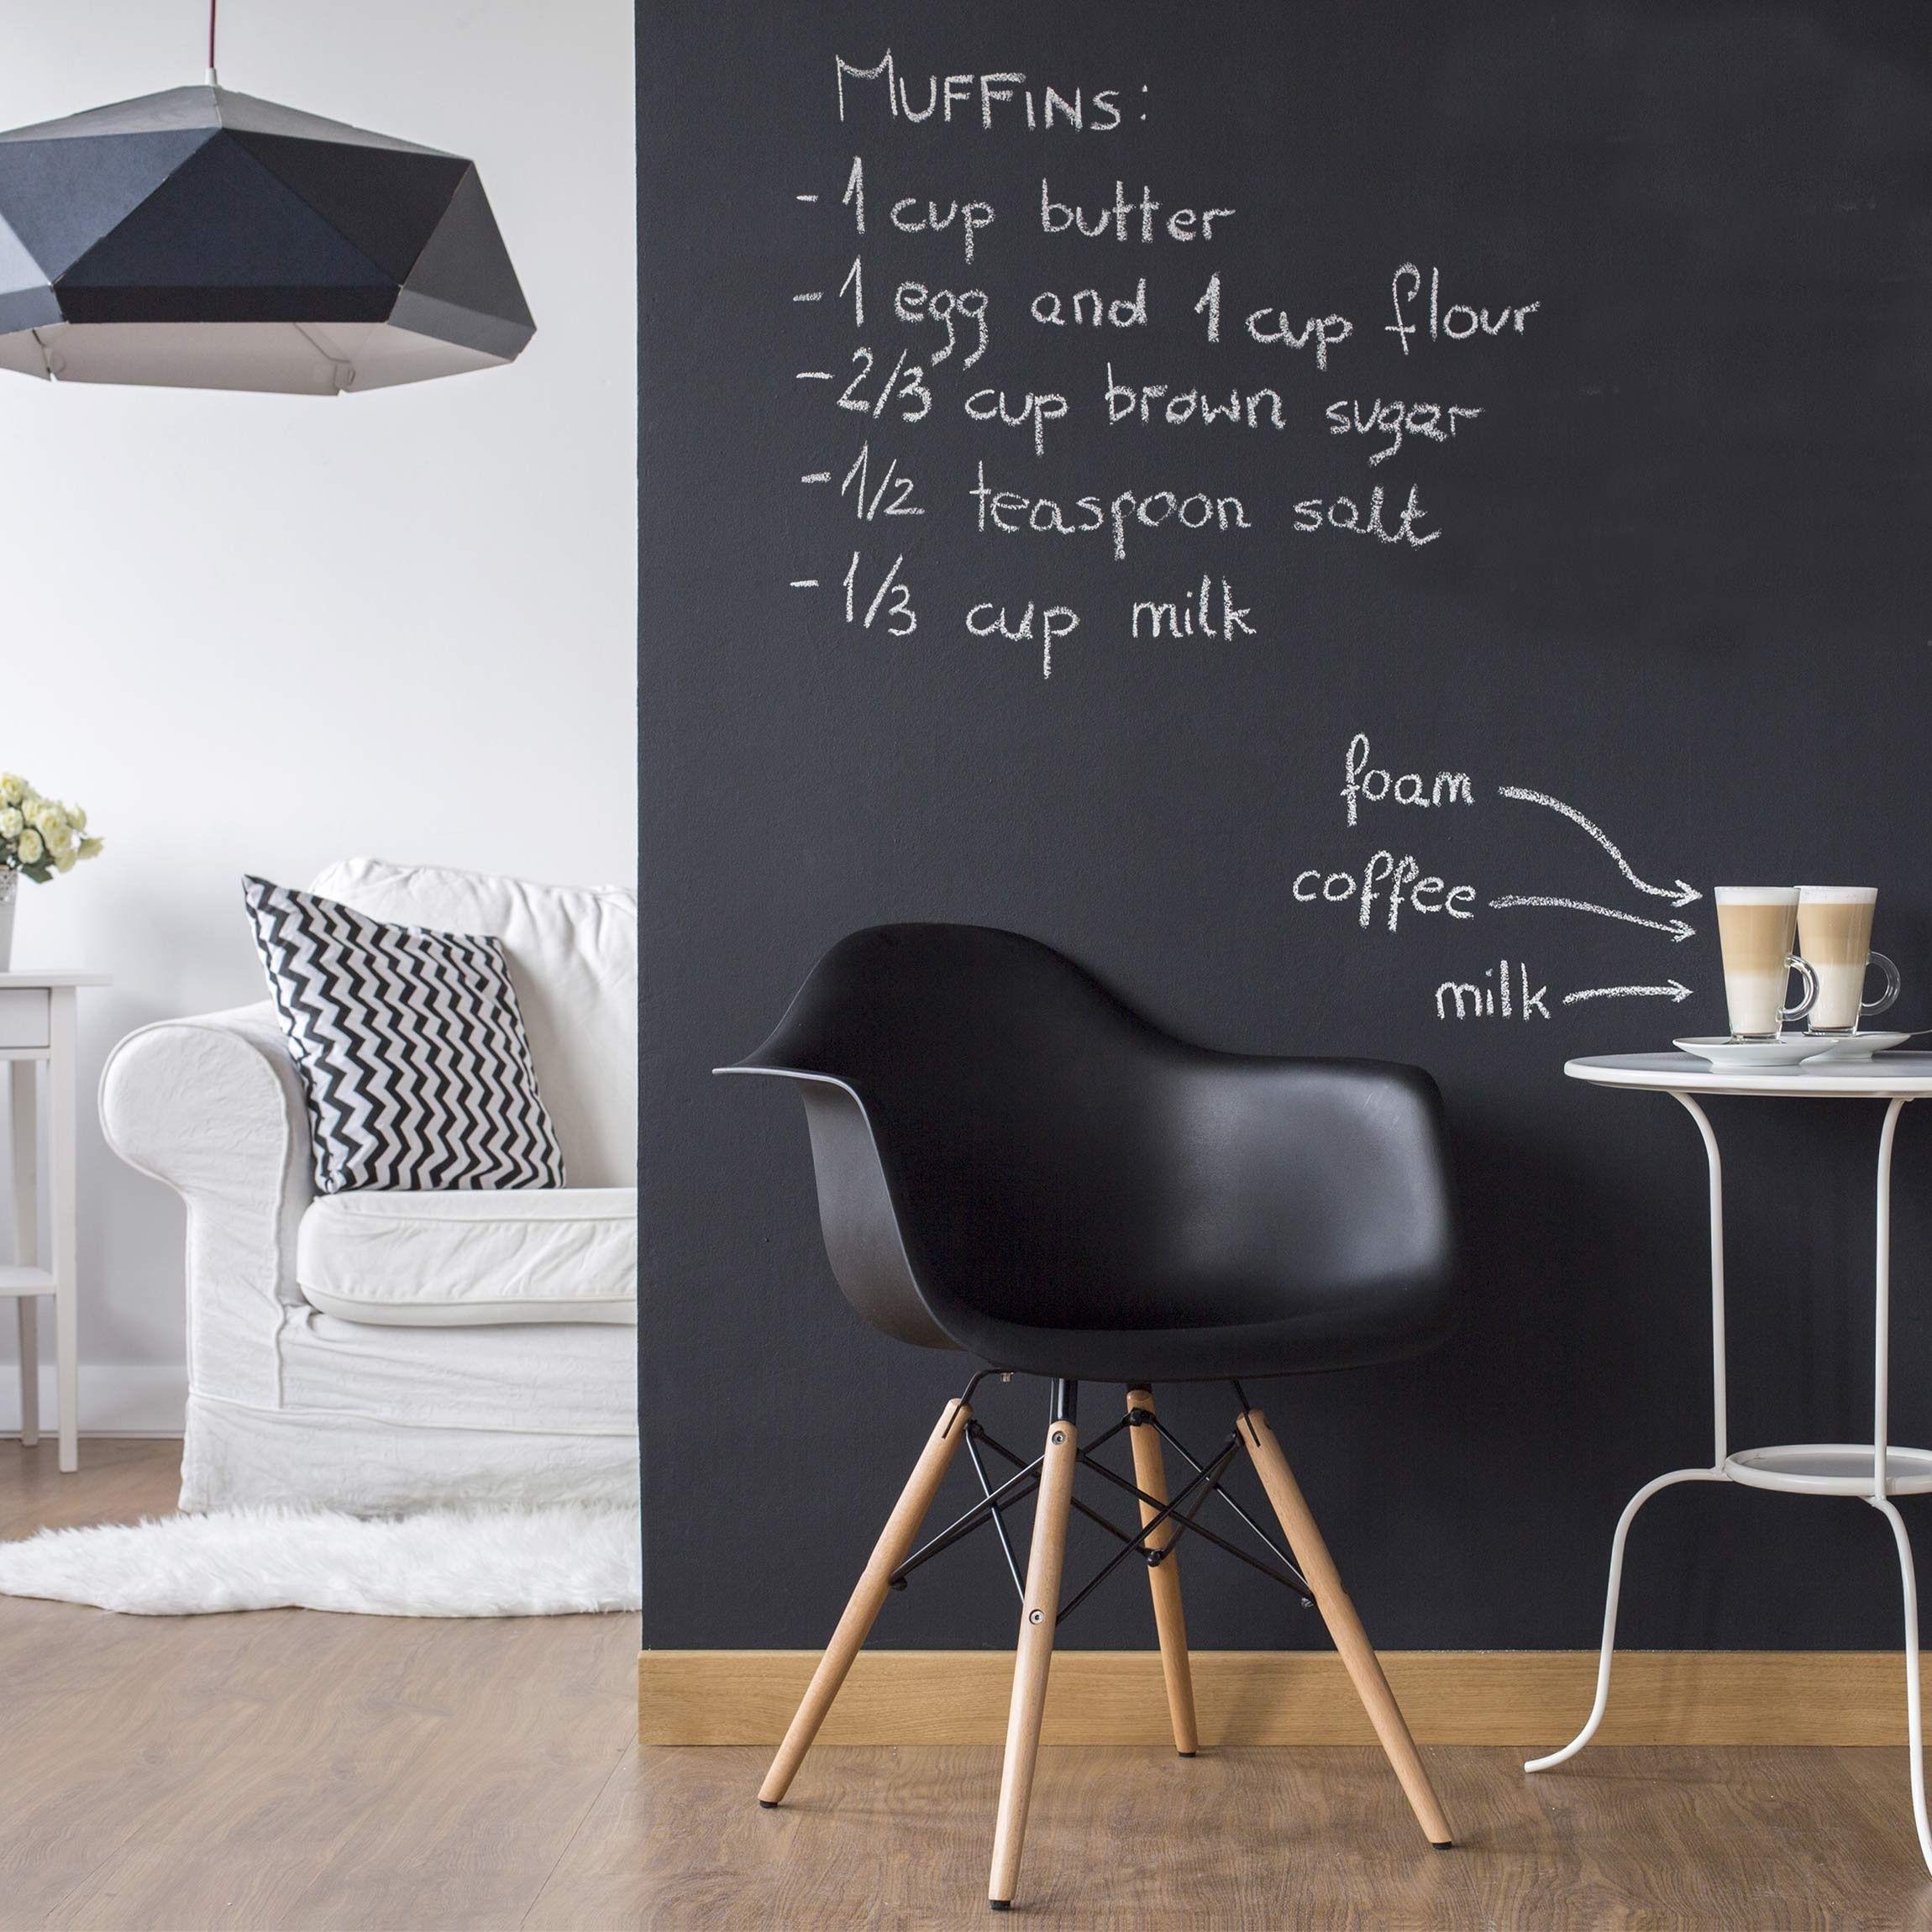 Tafelfolie Selbstklebend   Wohnzimmer   DIY Tafeltapete Schwarz